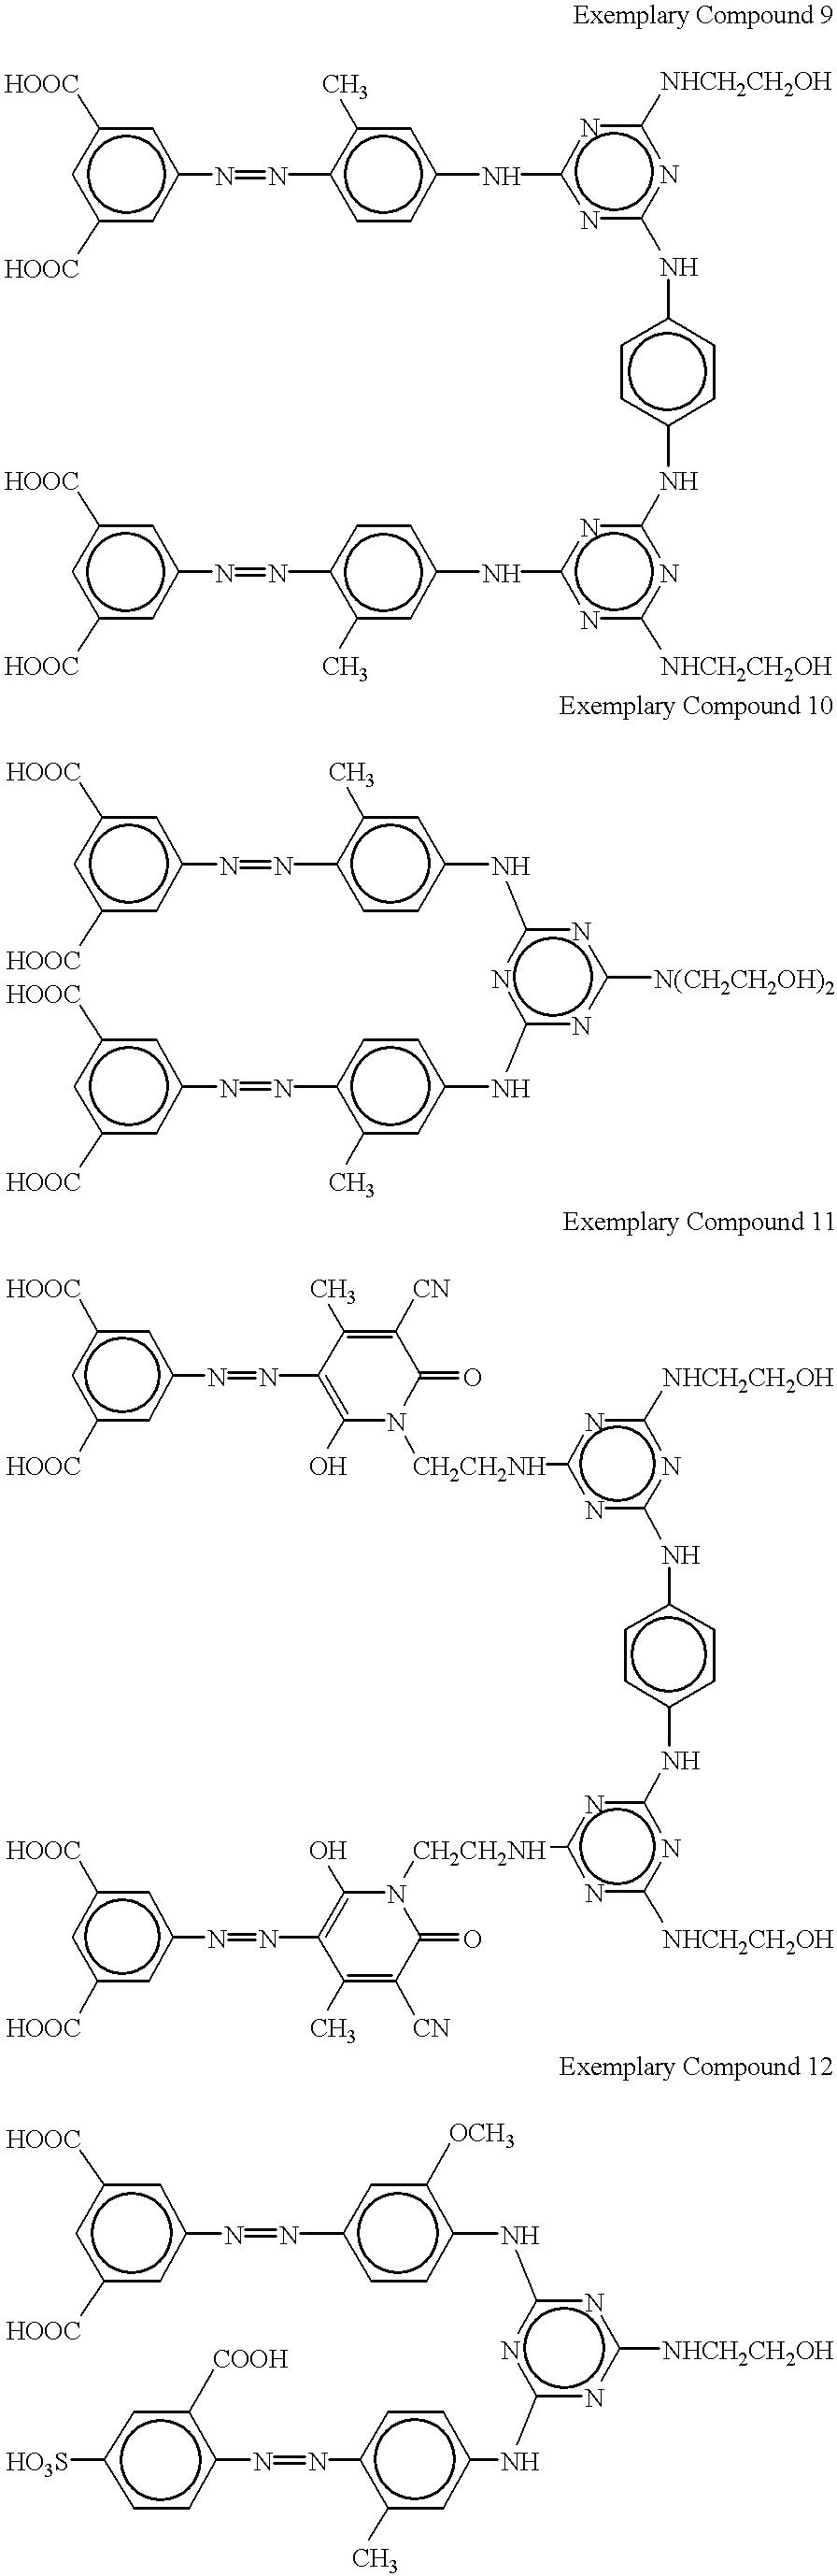 Figure US06533406-20030318-C00003